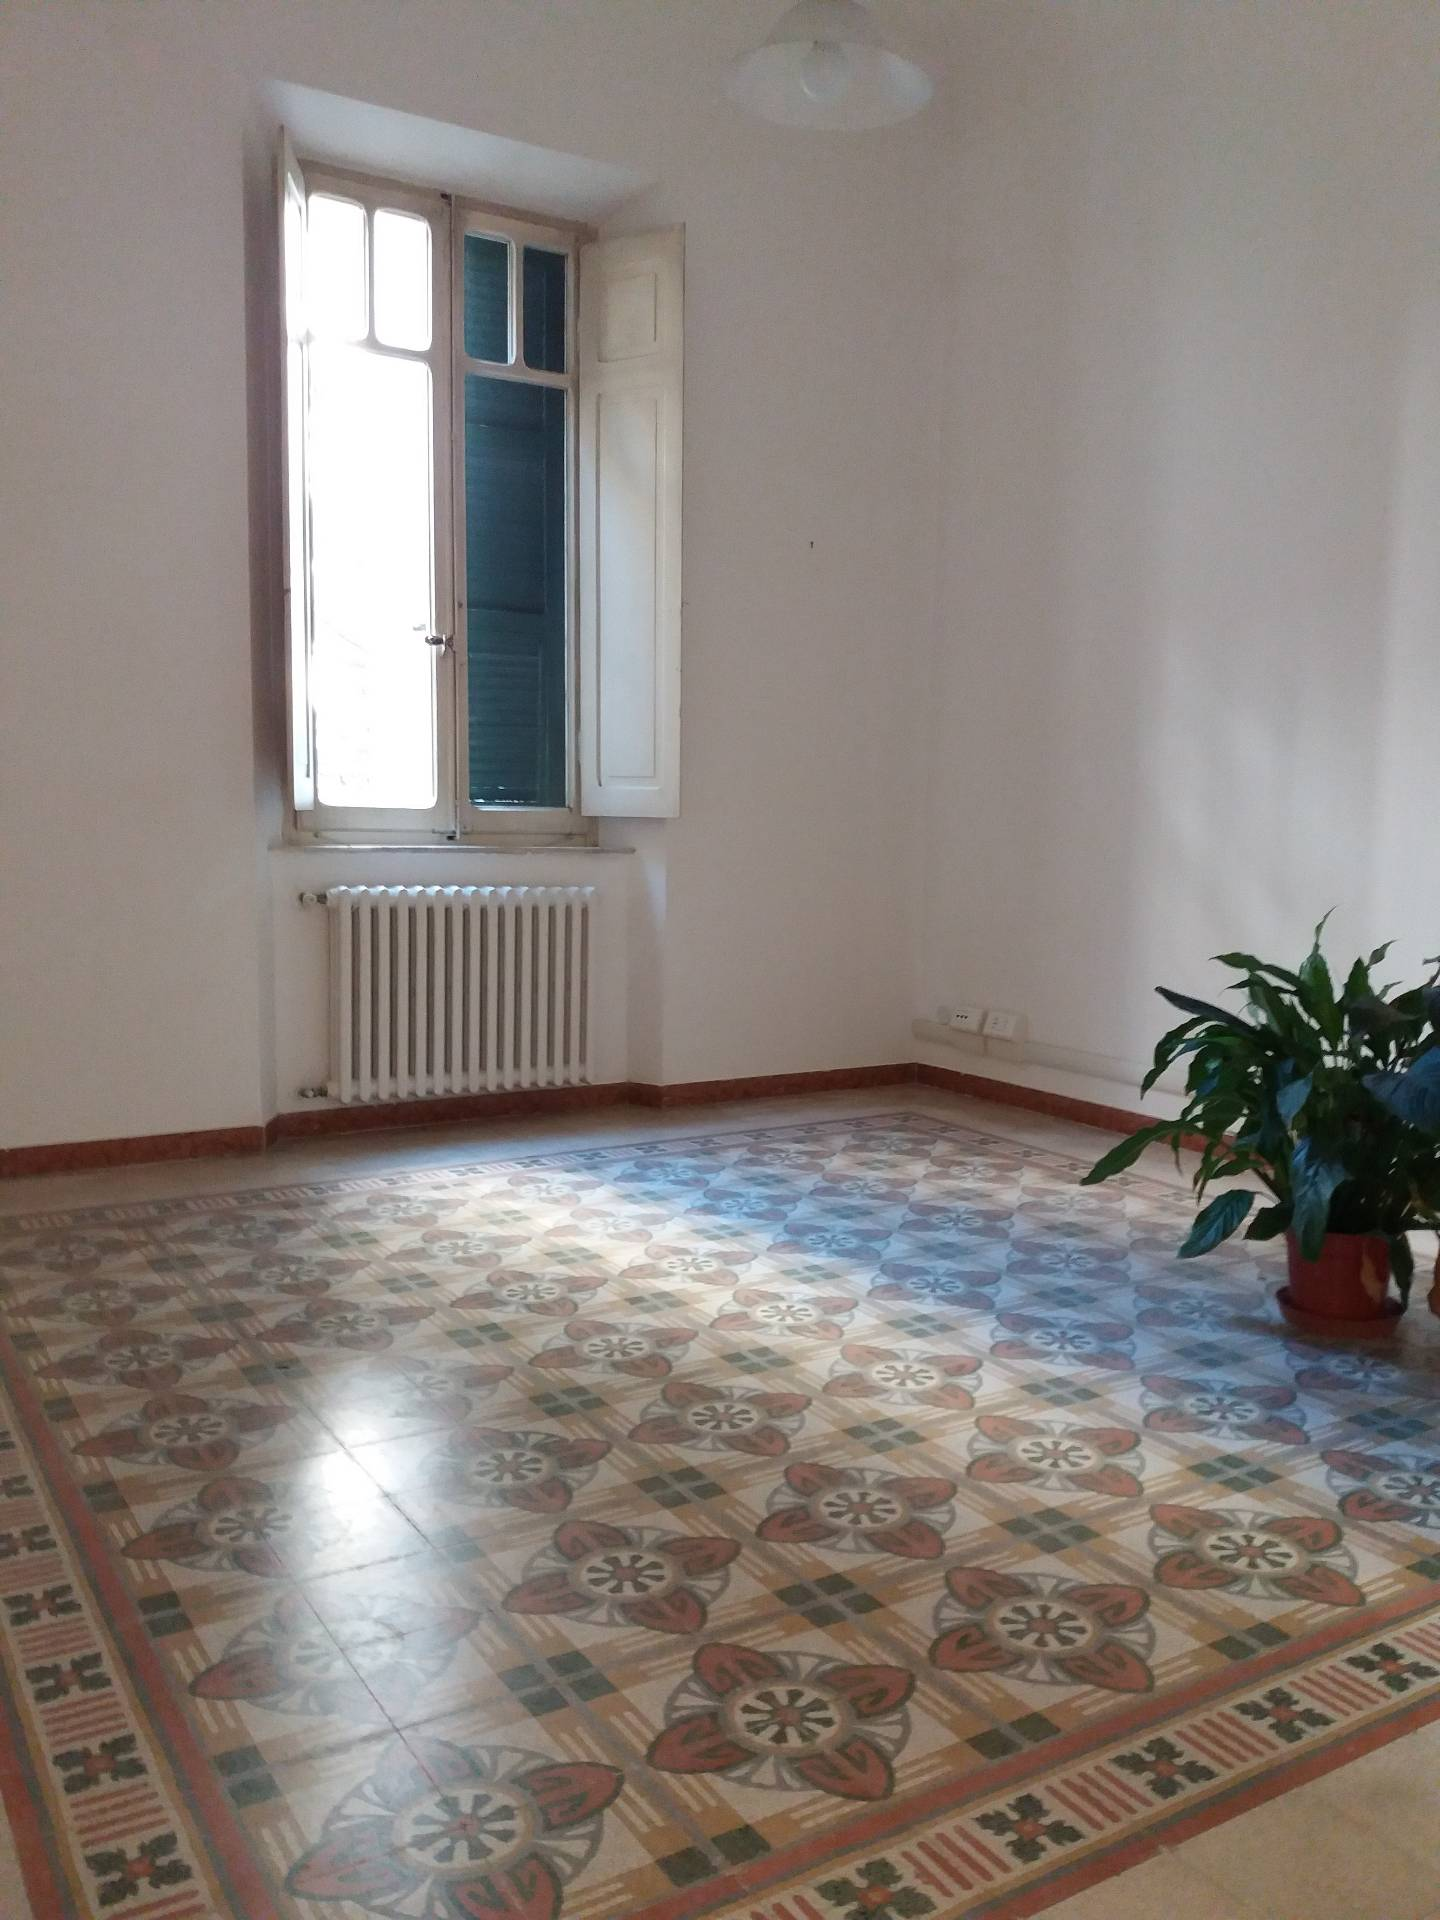 Appartamento in affitto a San Benedetto del Tronto, 7 locali, zona Località: centrale, prezzo € 650 | CambioCasa.it